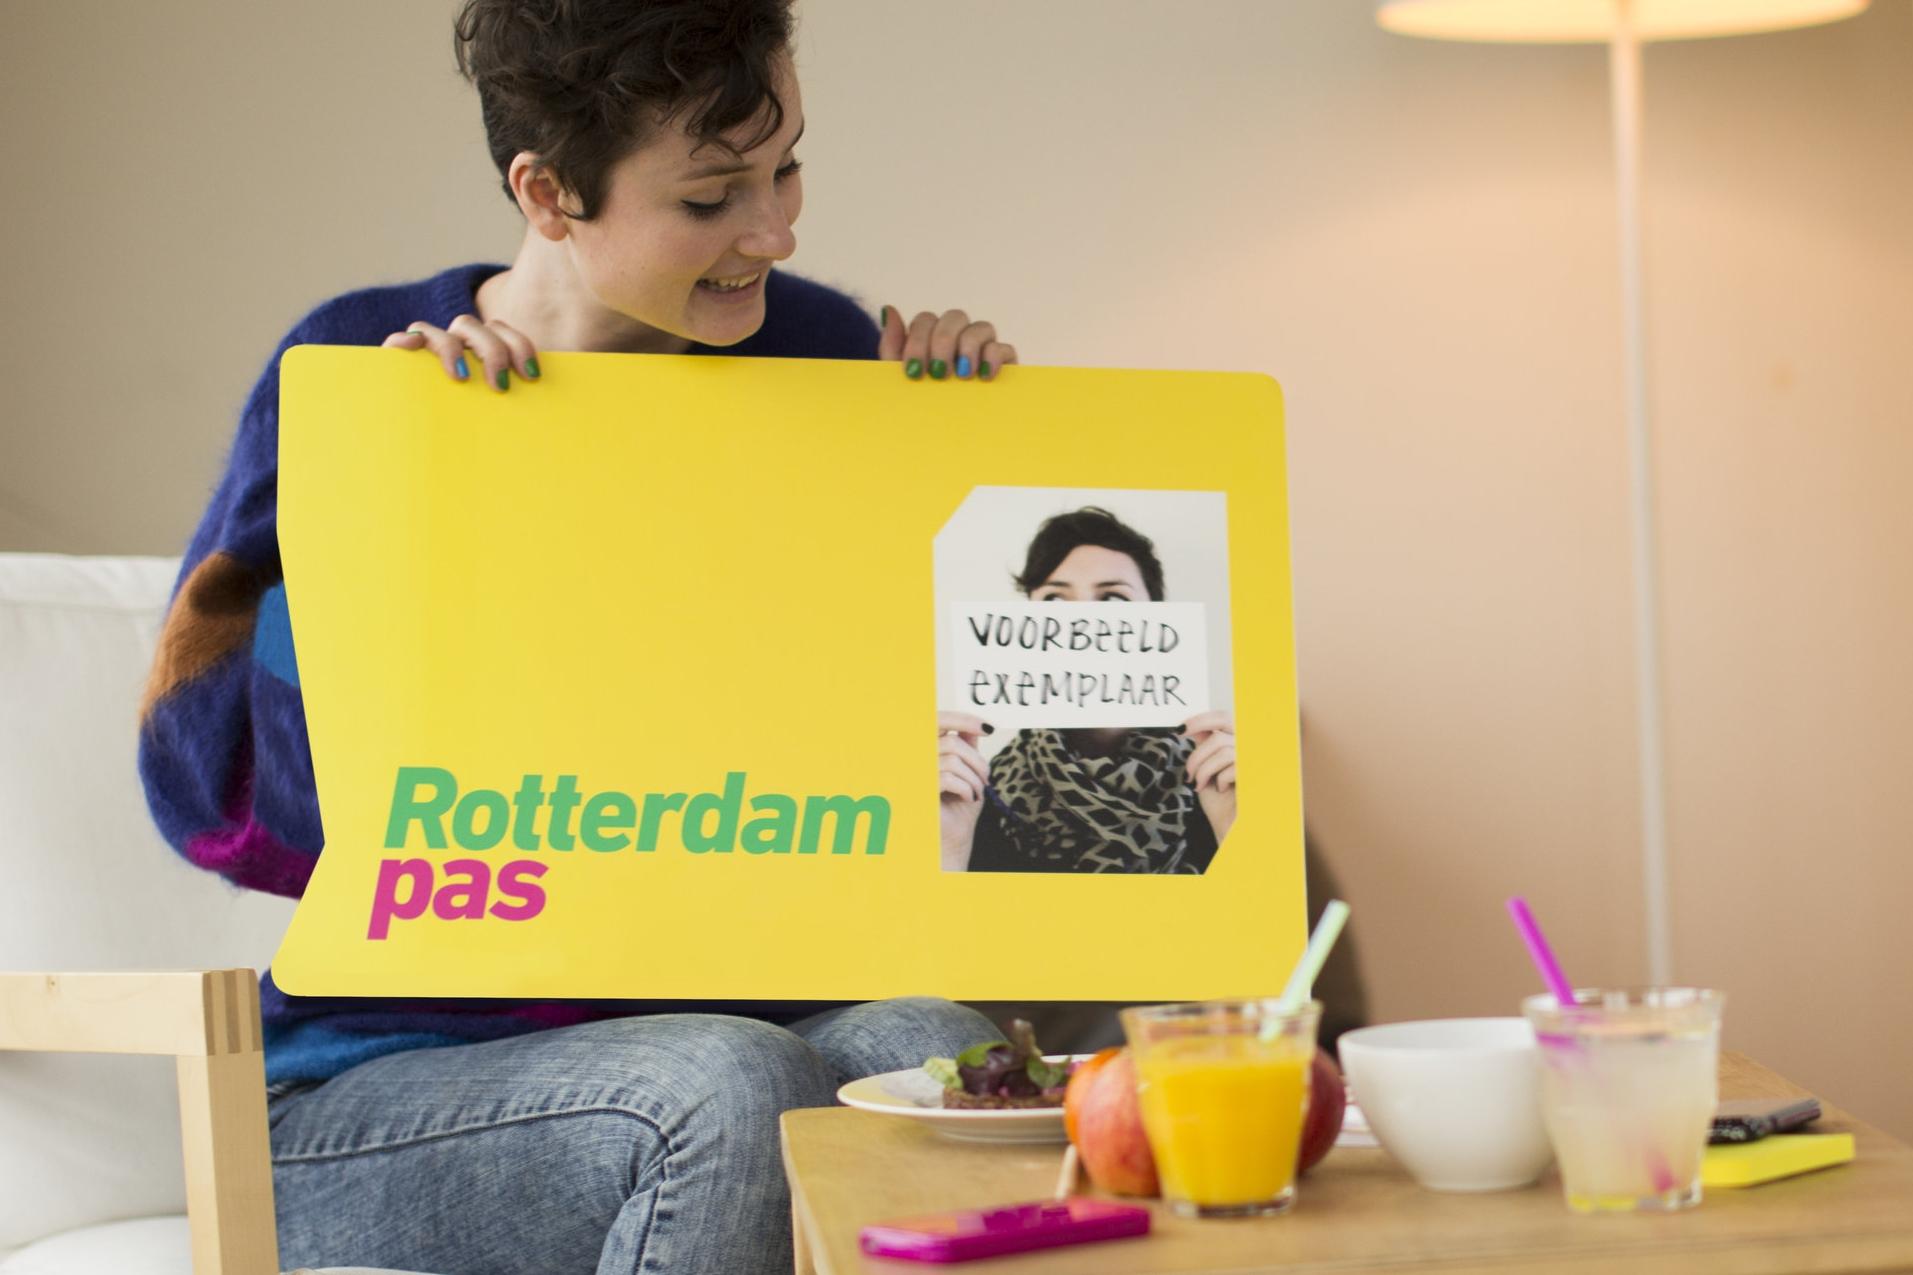 Rotterdampas - Herpositionering voor de organisatie die gelooft dat je meer geniet van het leven, als je dingen onderneemt, plezier hebt en oog voor elkaar.